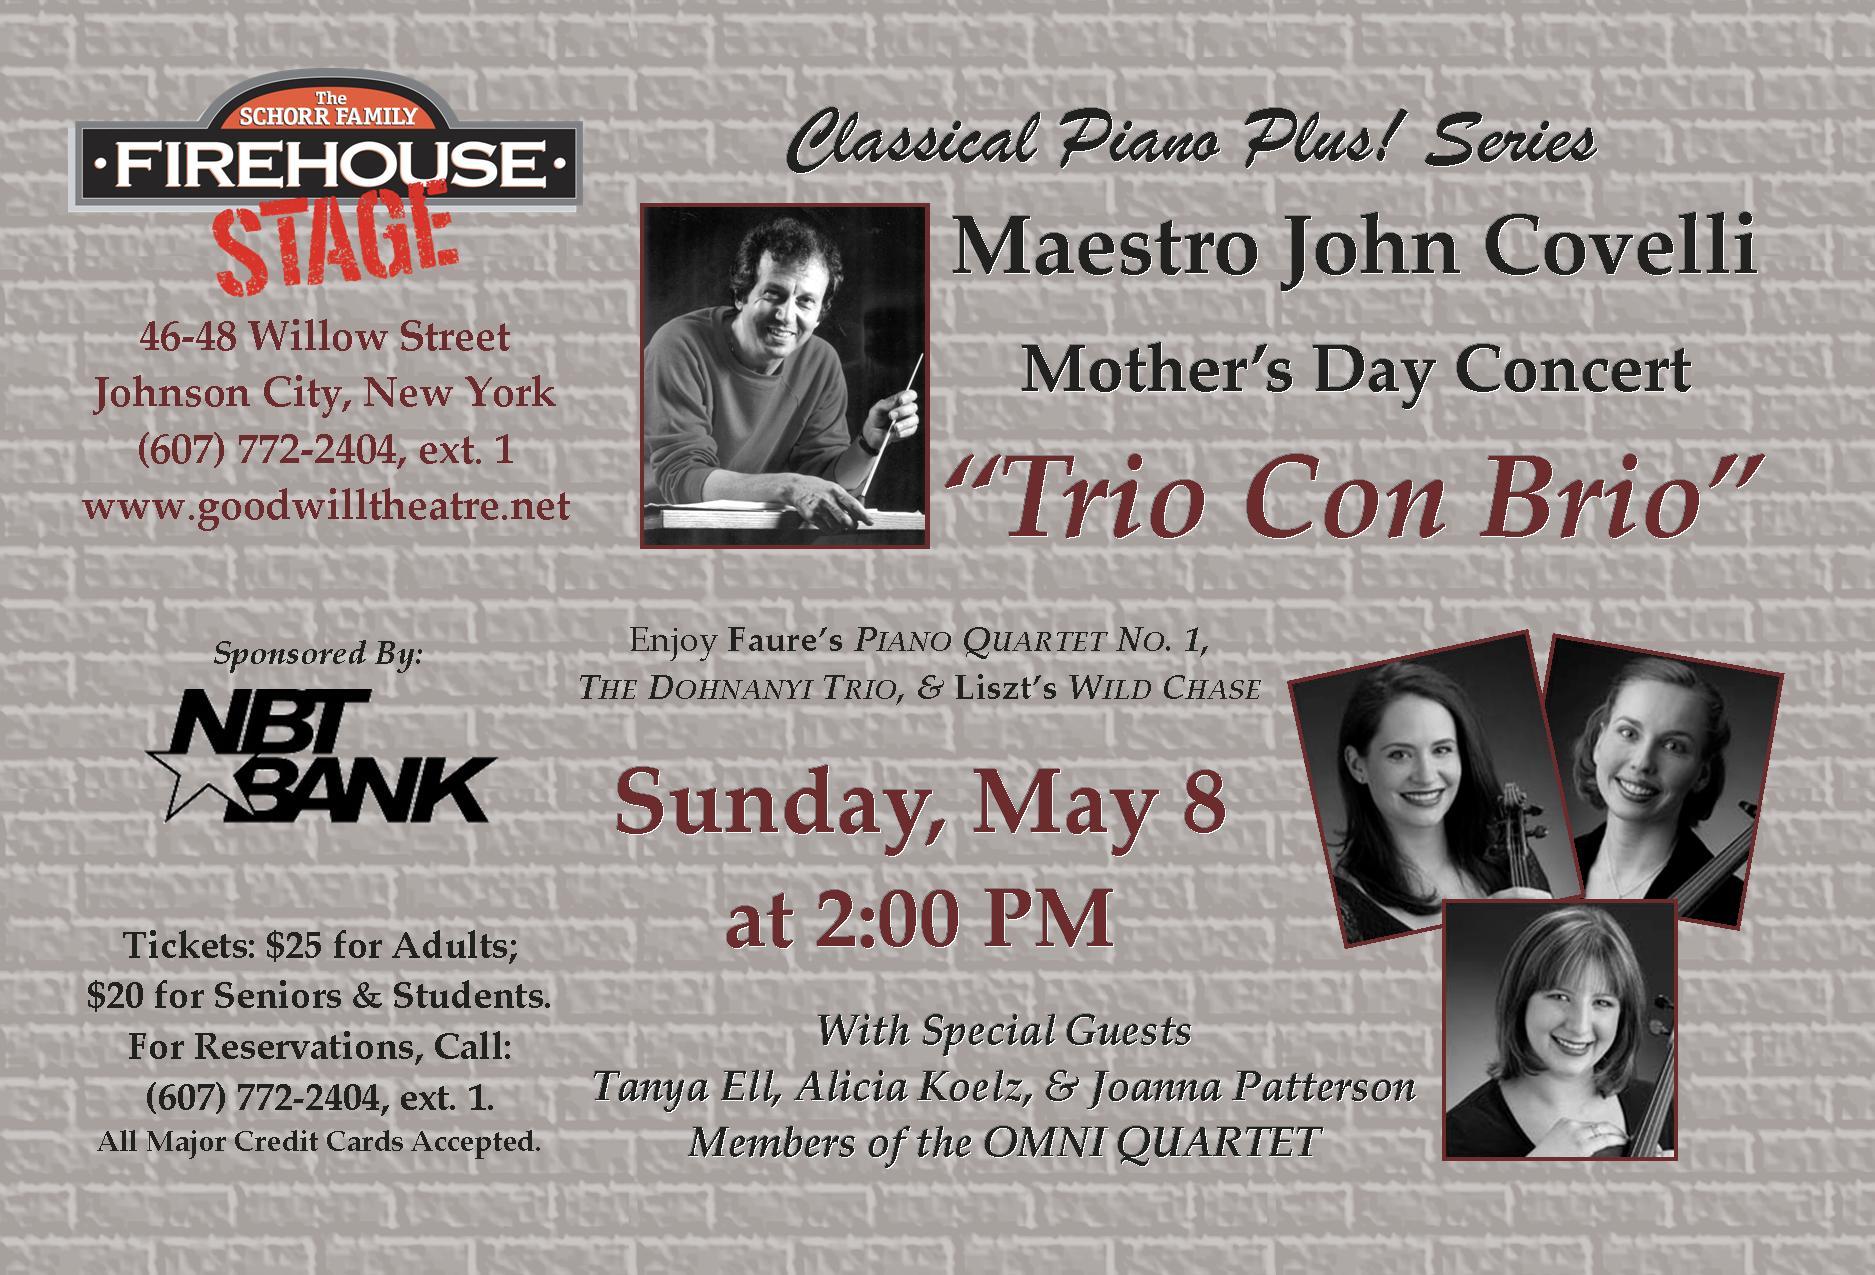 Trio Con Brio - Sunday, May 8 at 2:00 PM